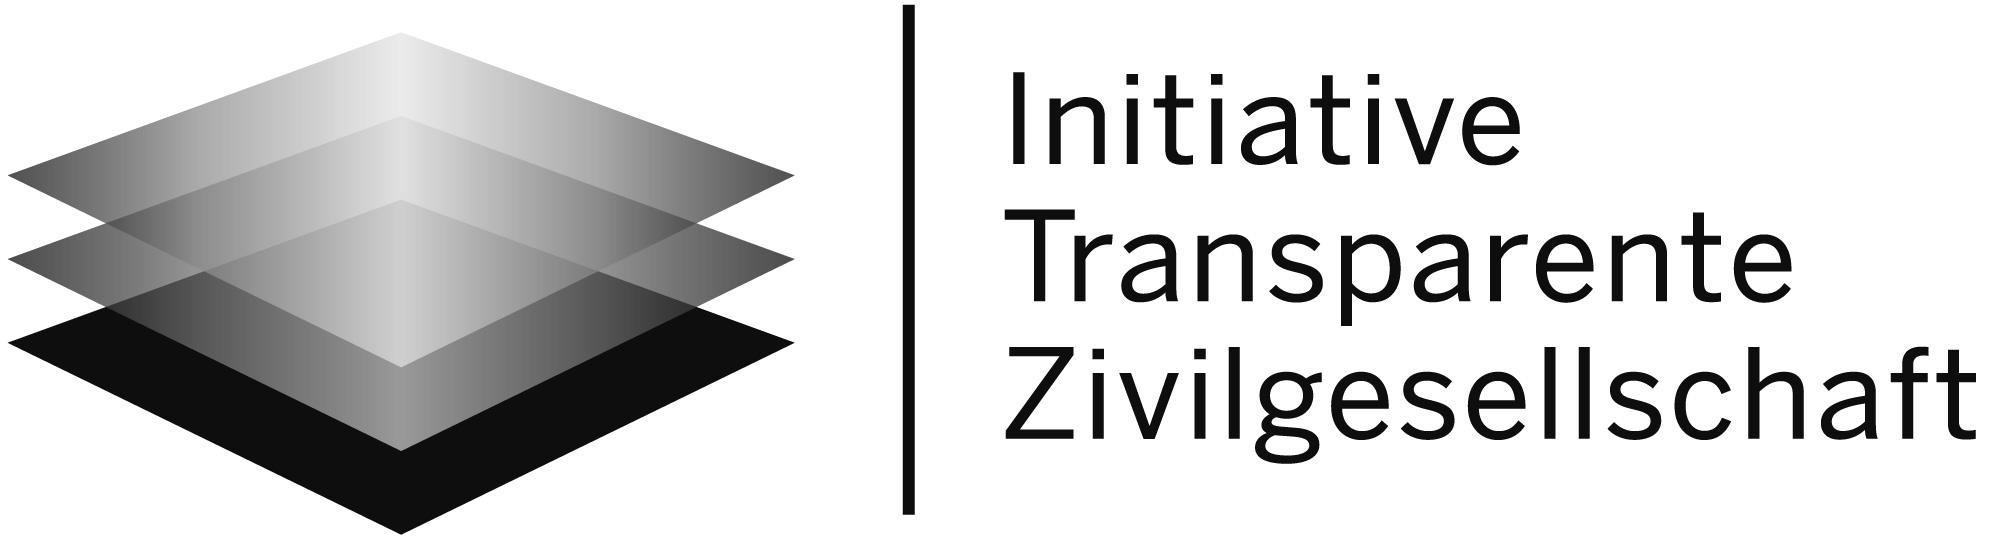 Initiative Transparente Zivilgesellschaft AIESEC